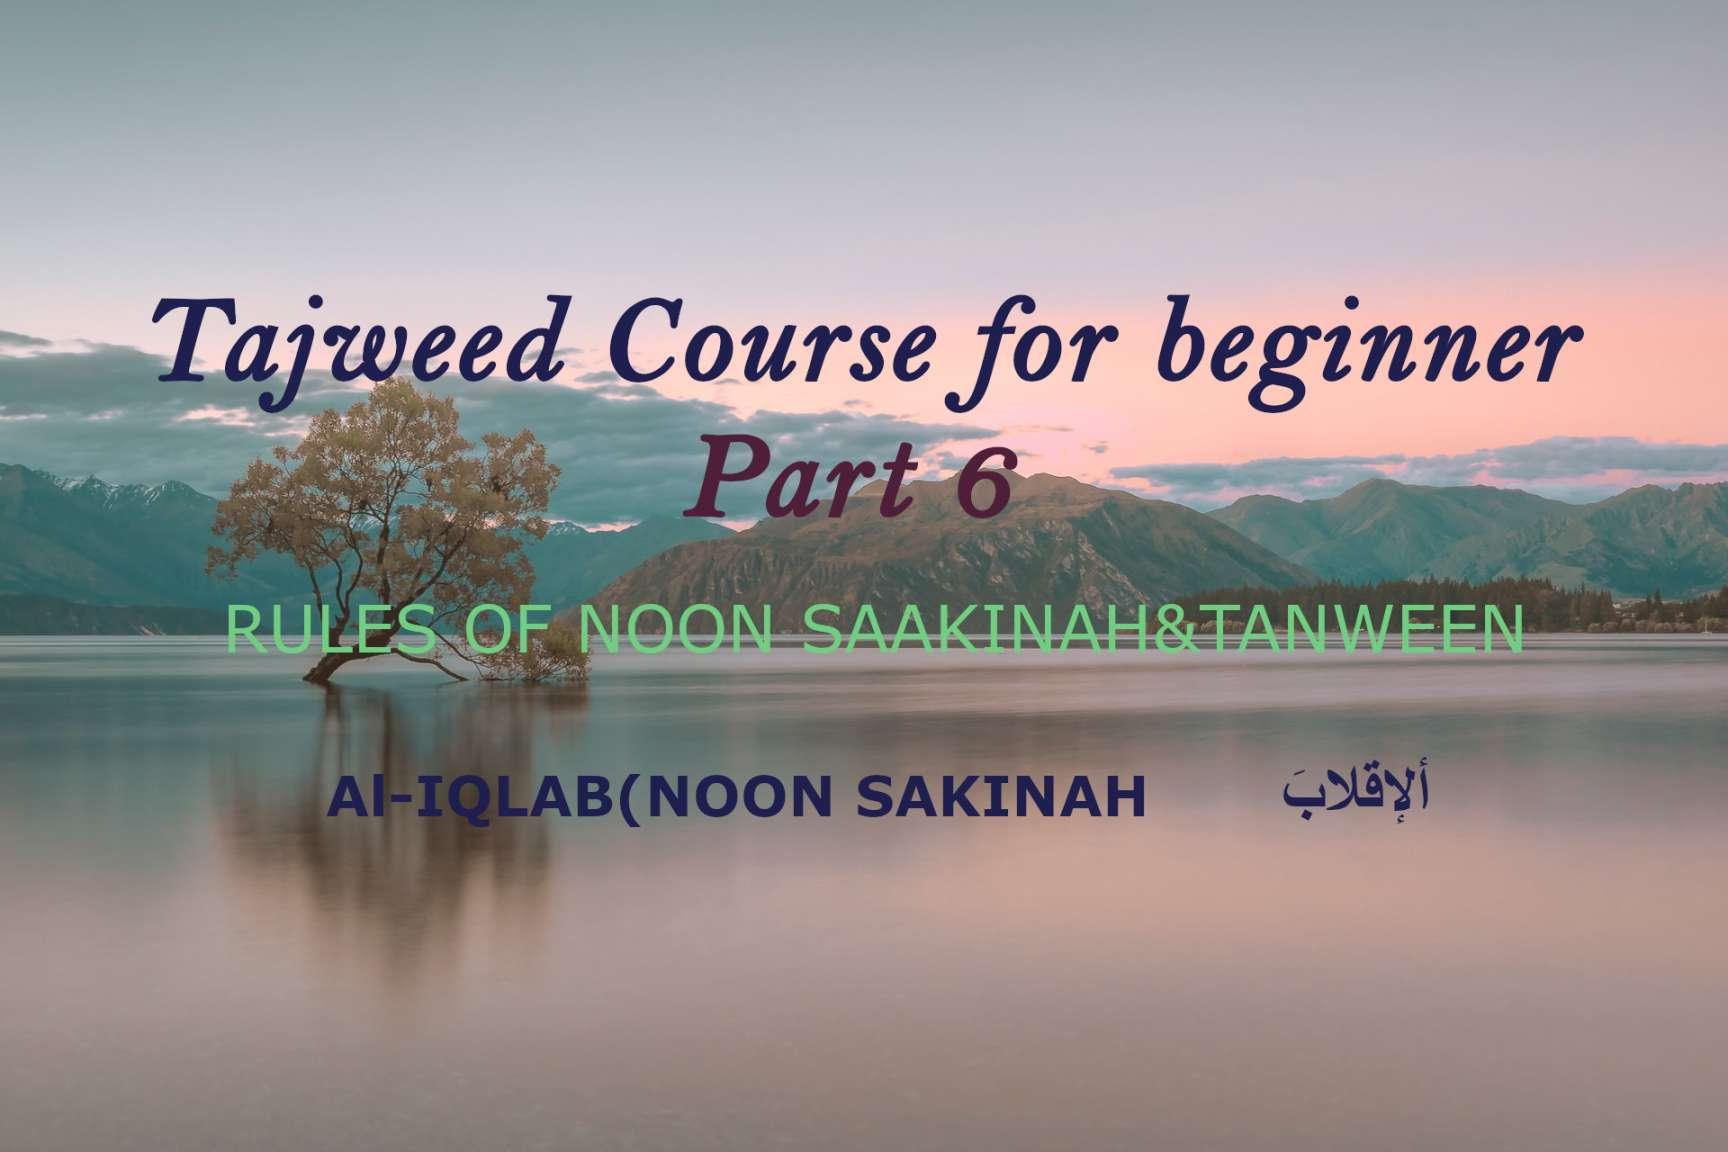 Al-IQLAB(NOON SAKINAH)